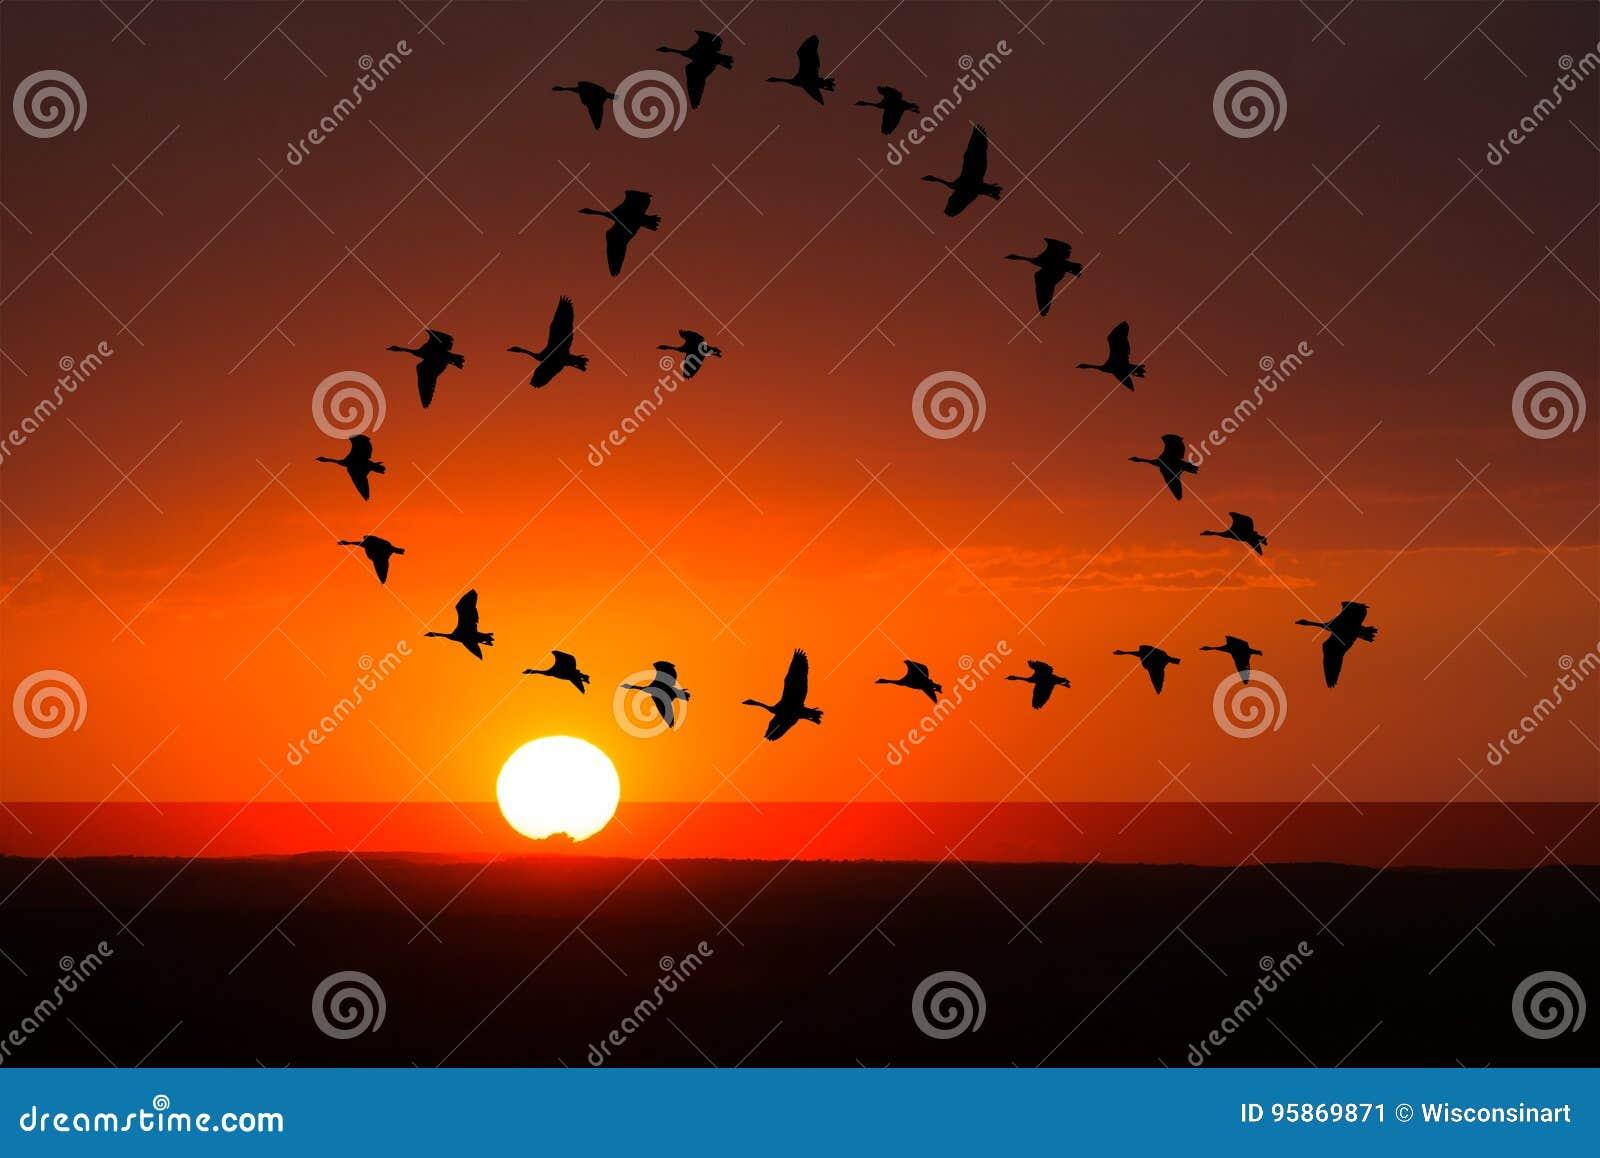 Wschód słońca, zmierzch miłość, romans, ptaki